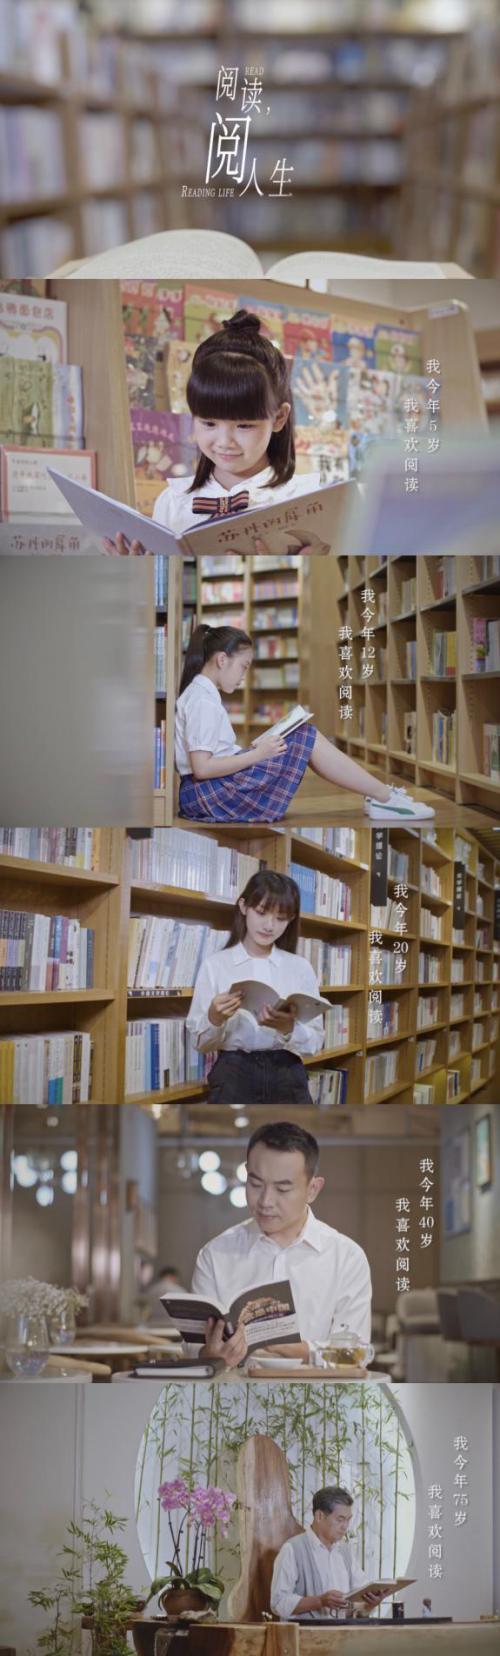 阅读·阅人生 2